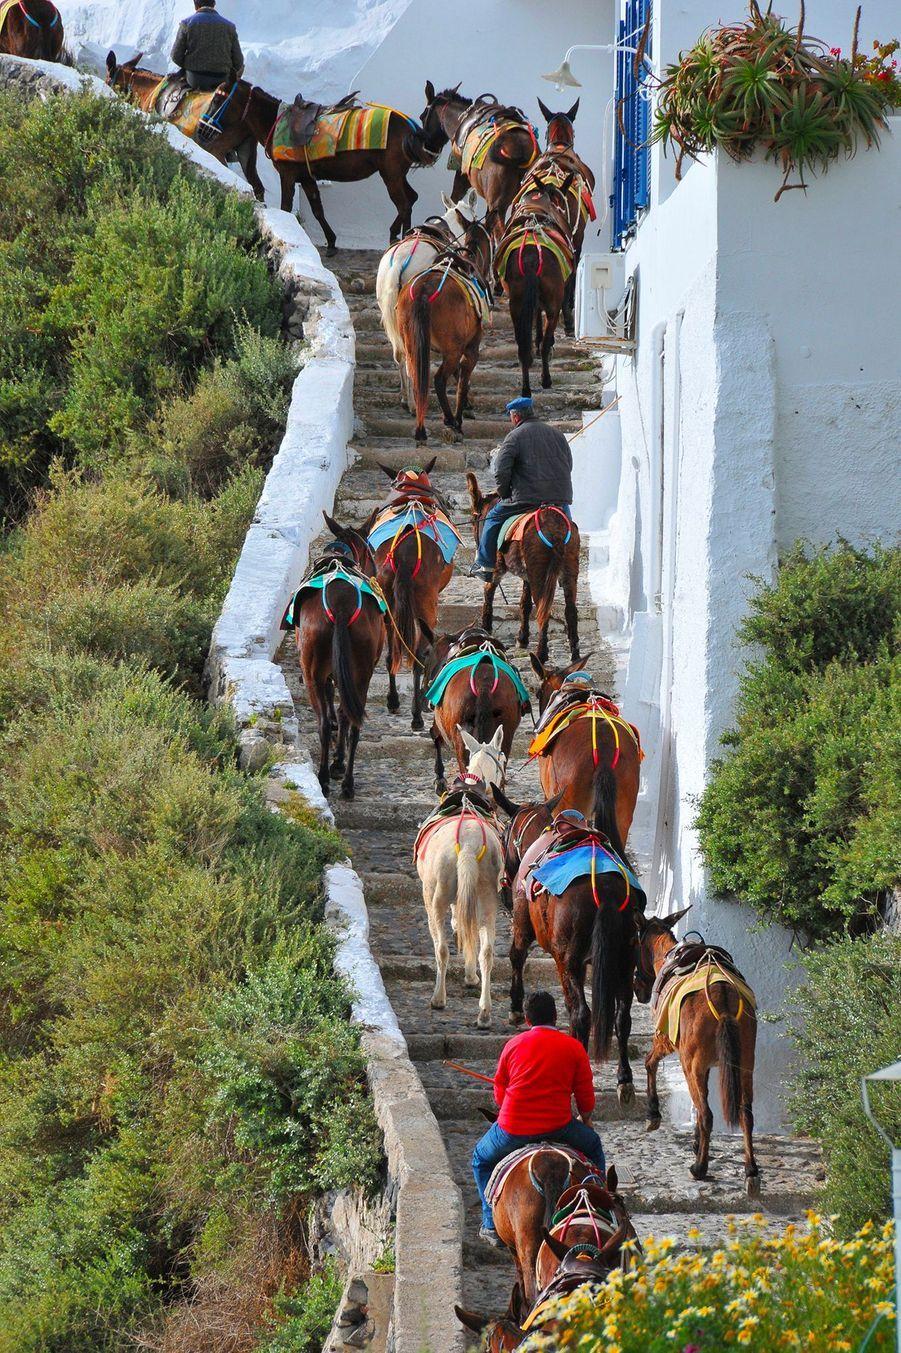 Chaque jour, les ânes de l'île de Santorin gravissent plus de 500 marches en pierre et ce 4 à 5 fois par jour, en pleine chaleur, d'après PETA.